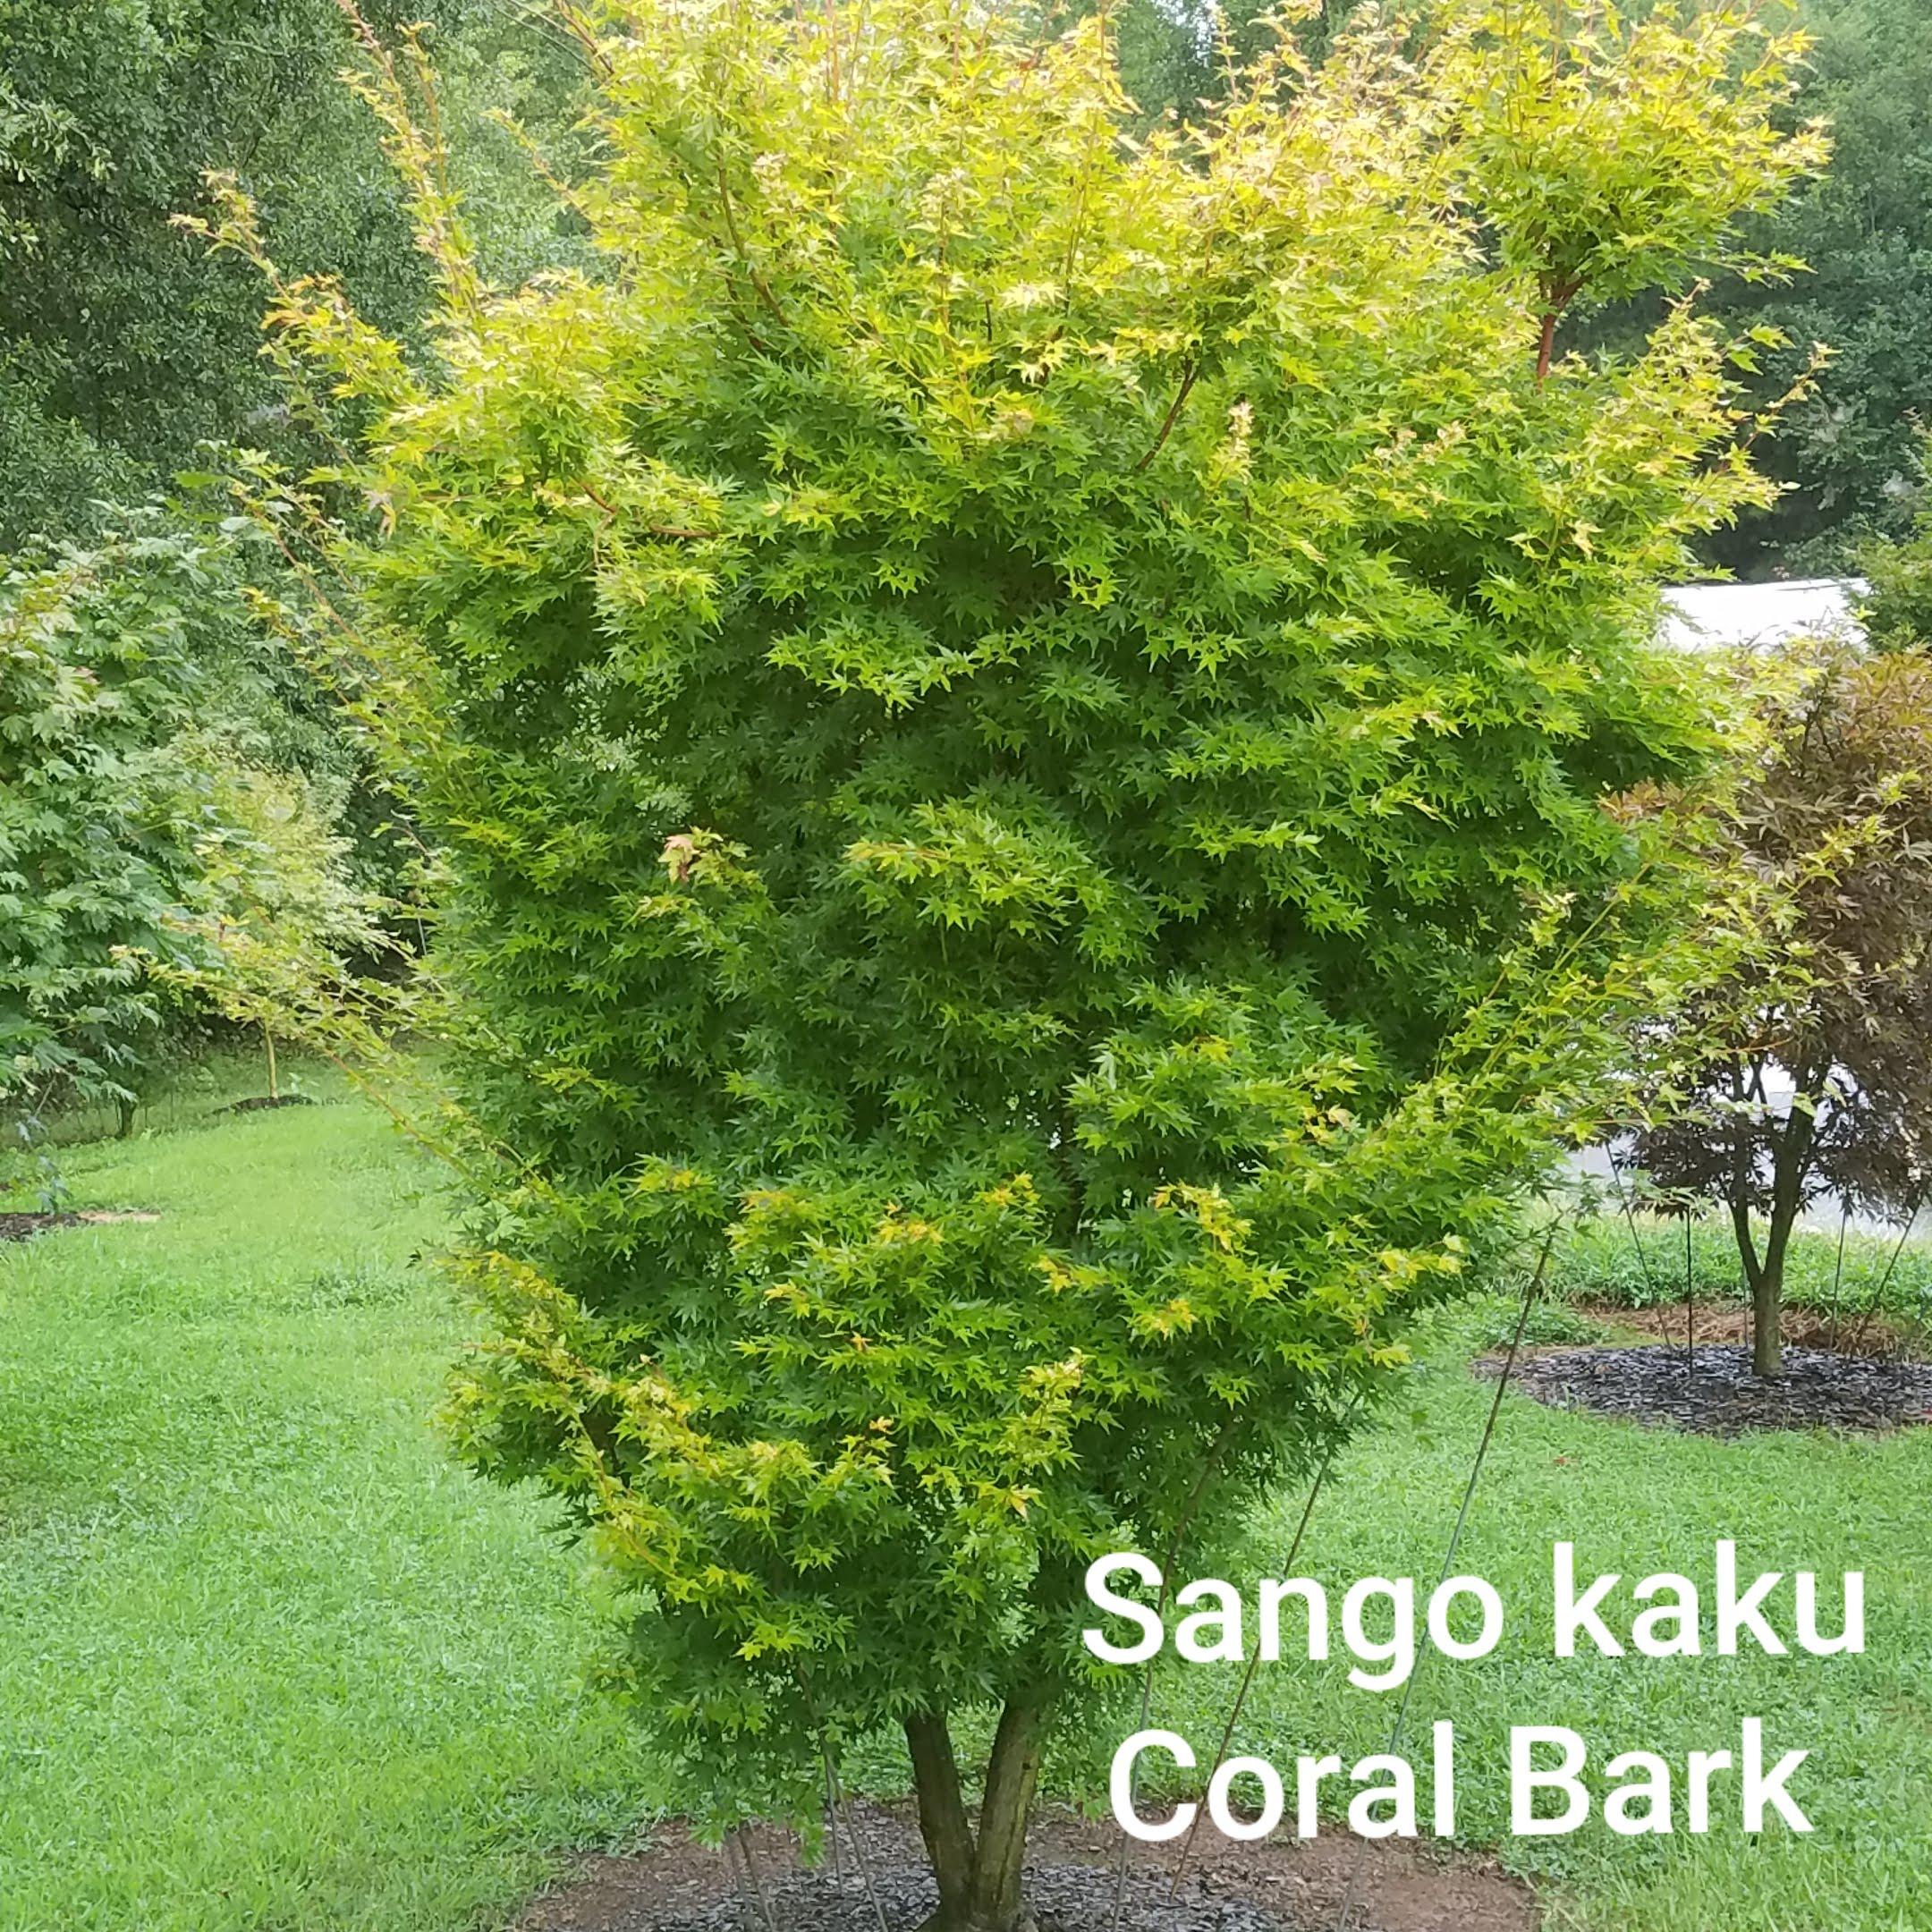 Sango Kaku Garden